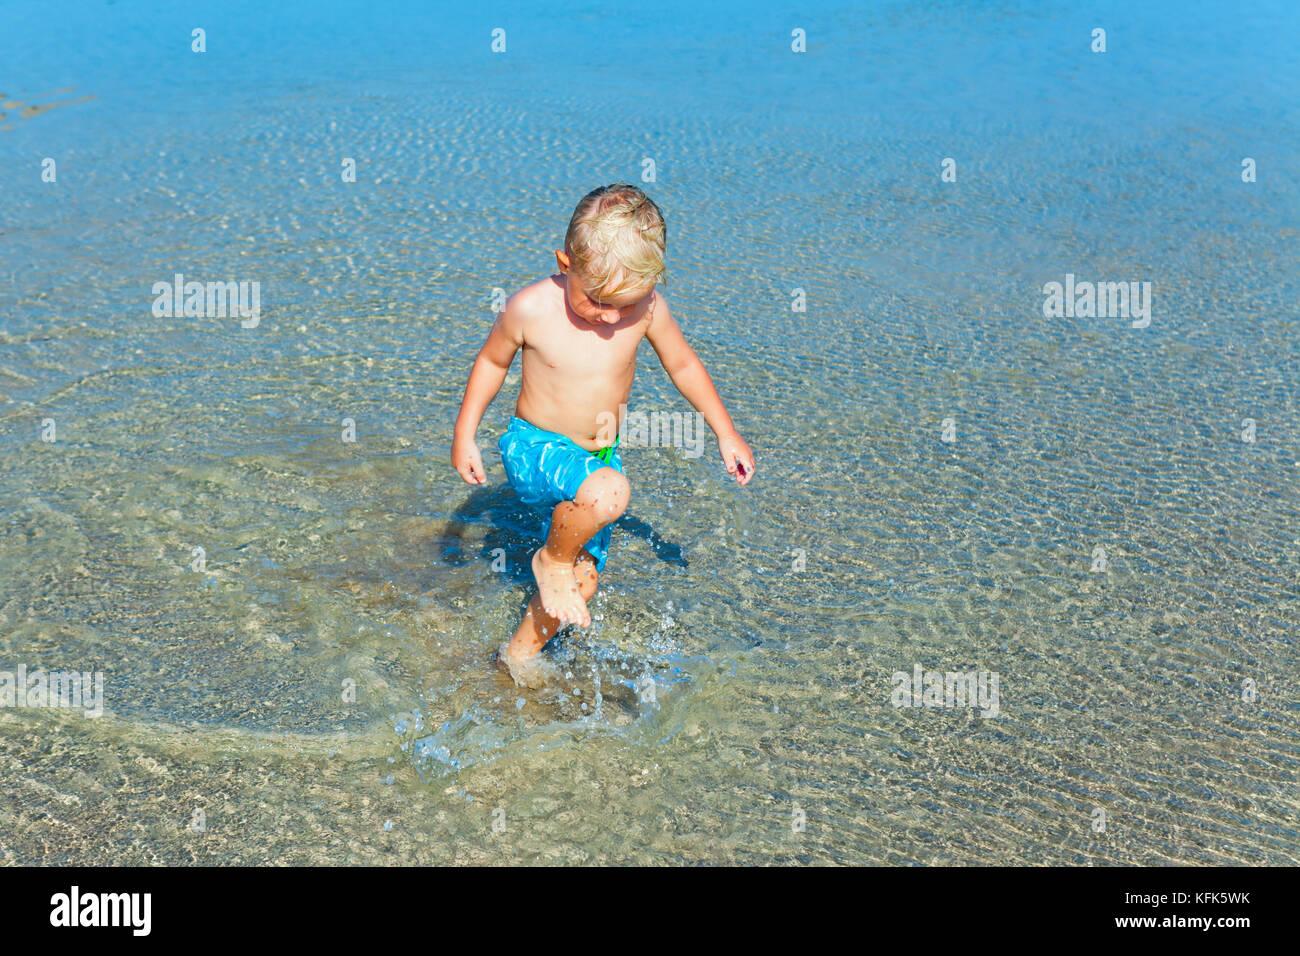 Happy Family Urlaub. positive Kind Spaß haben - Laufen und Springen witn Spritzer Wasser Pool auf Sand Strand. Stockbild